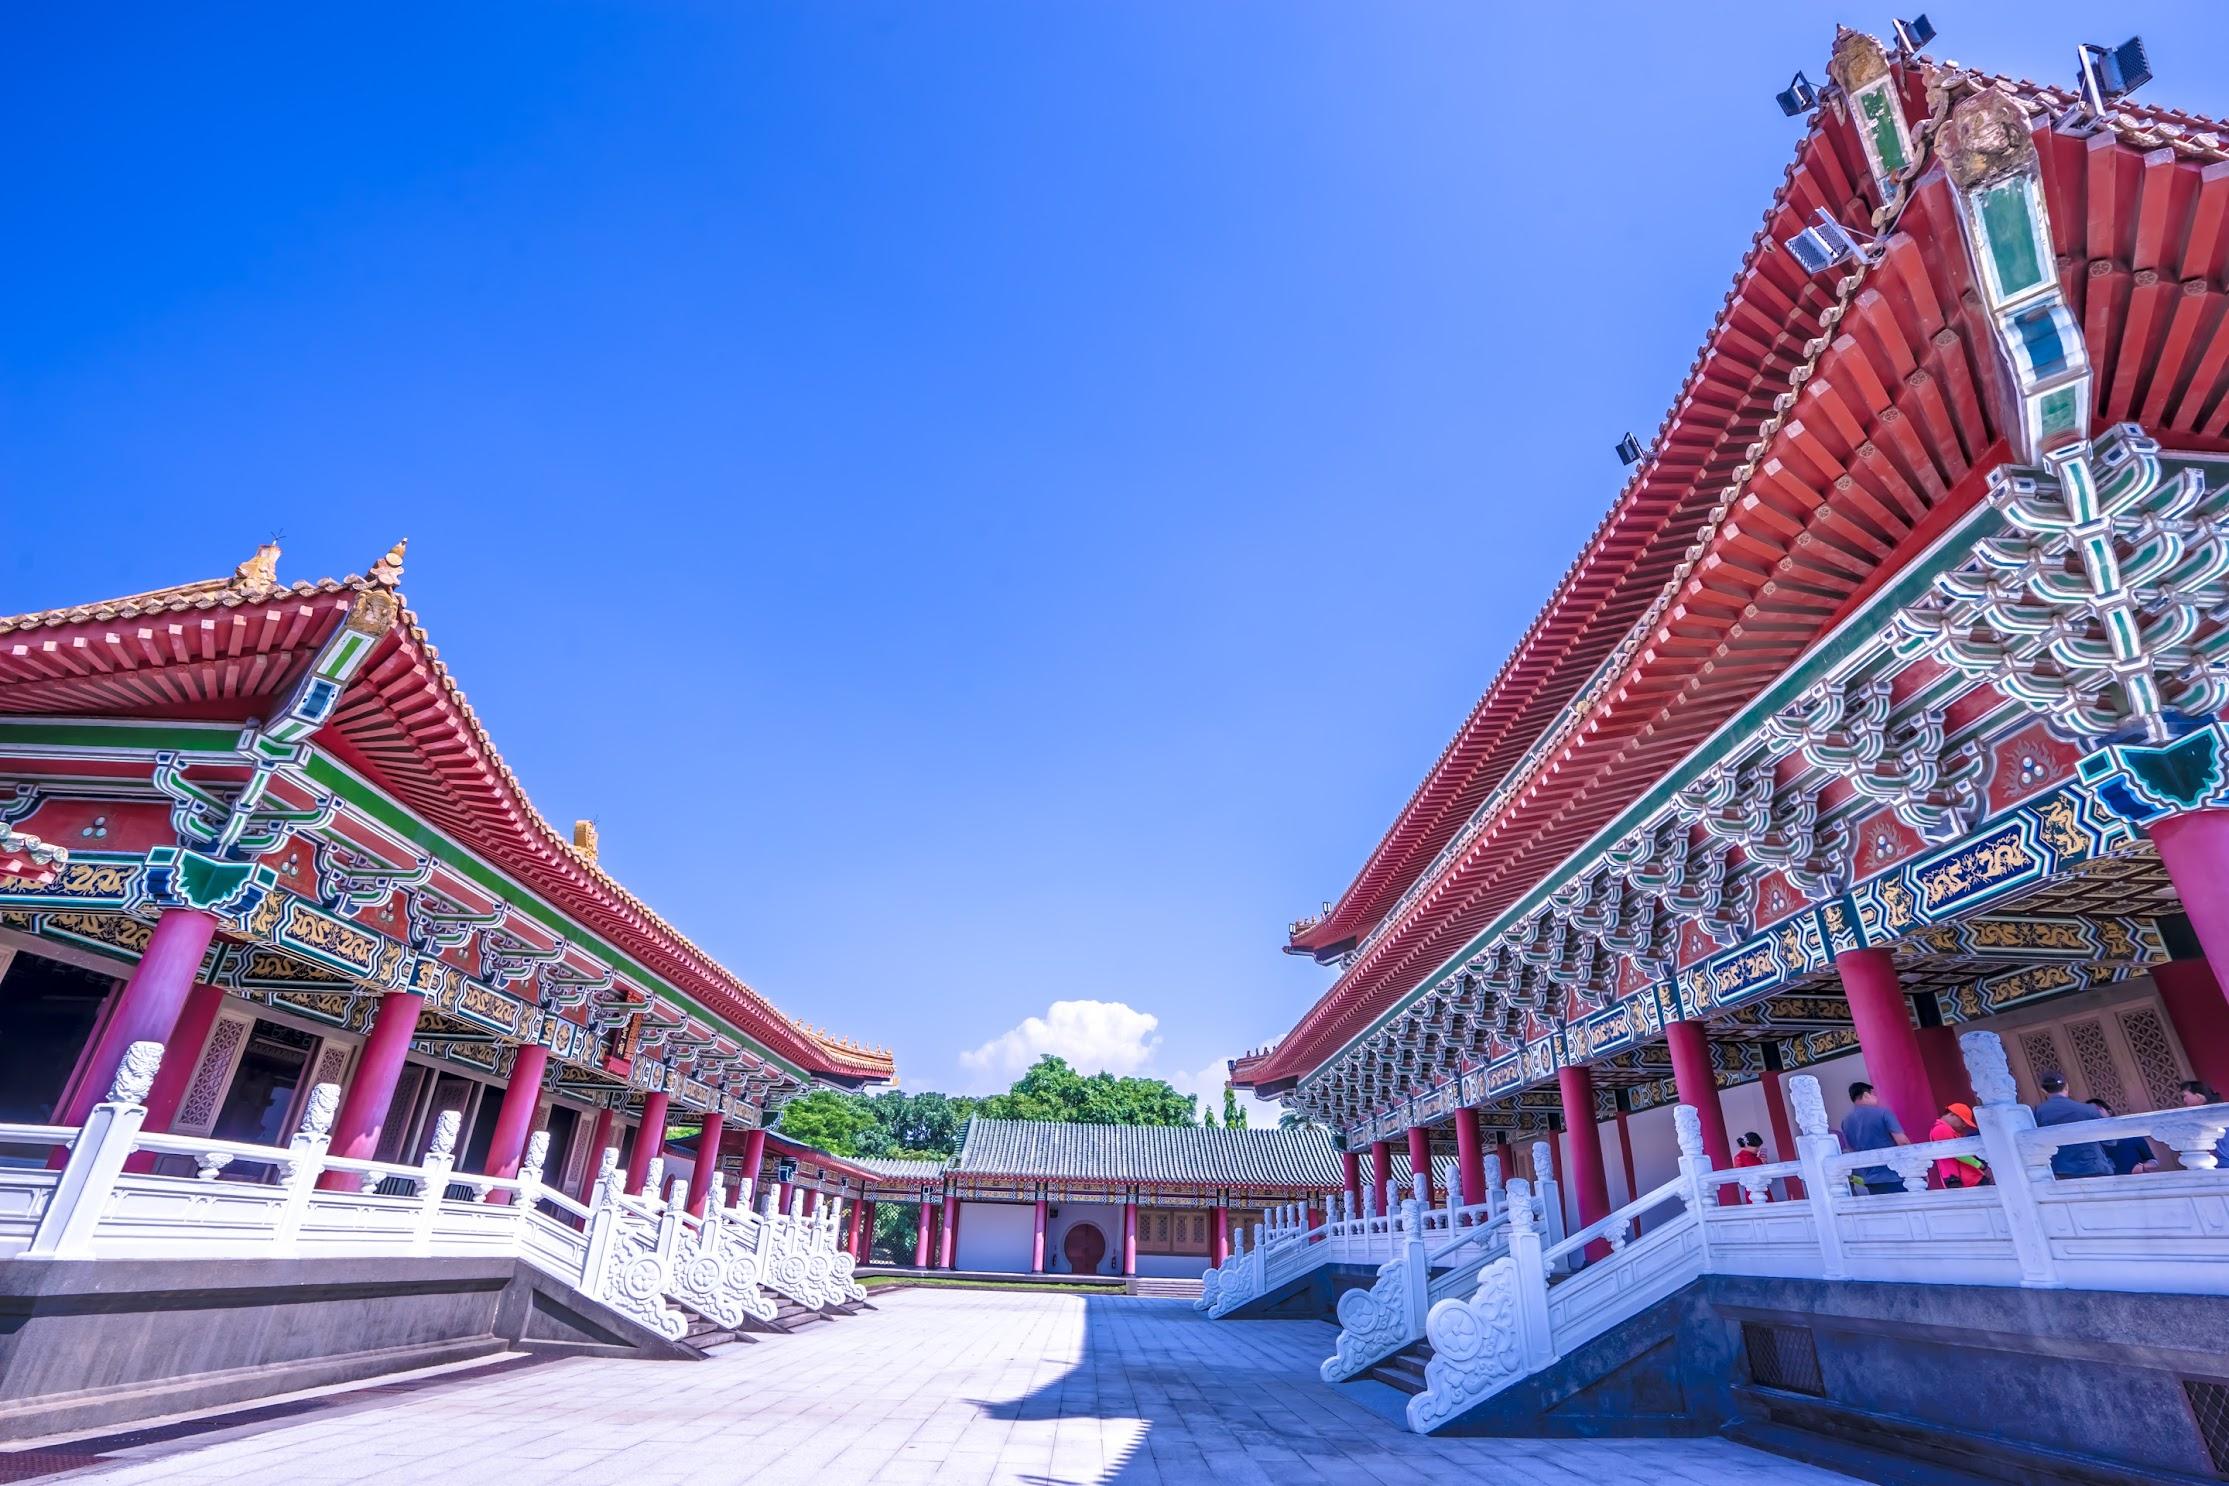 高雄 蓮池潭 孔子廟4